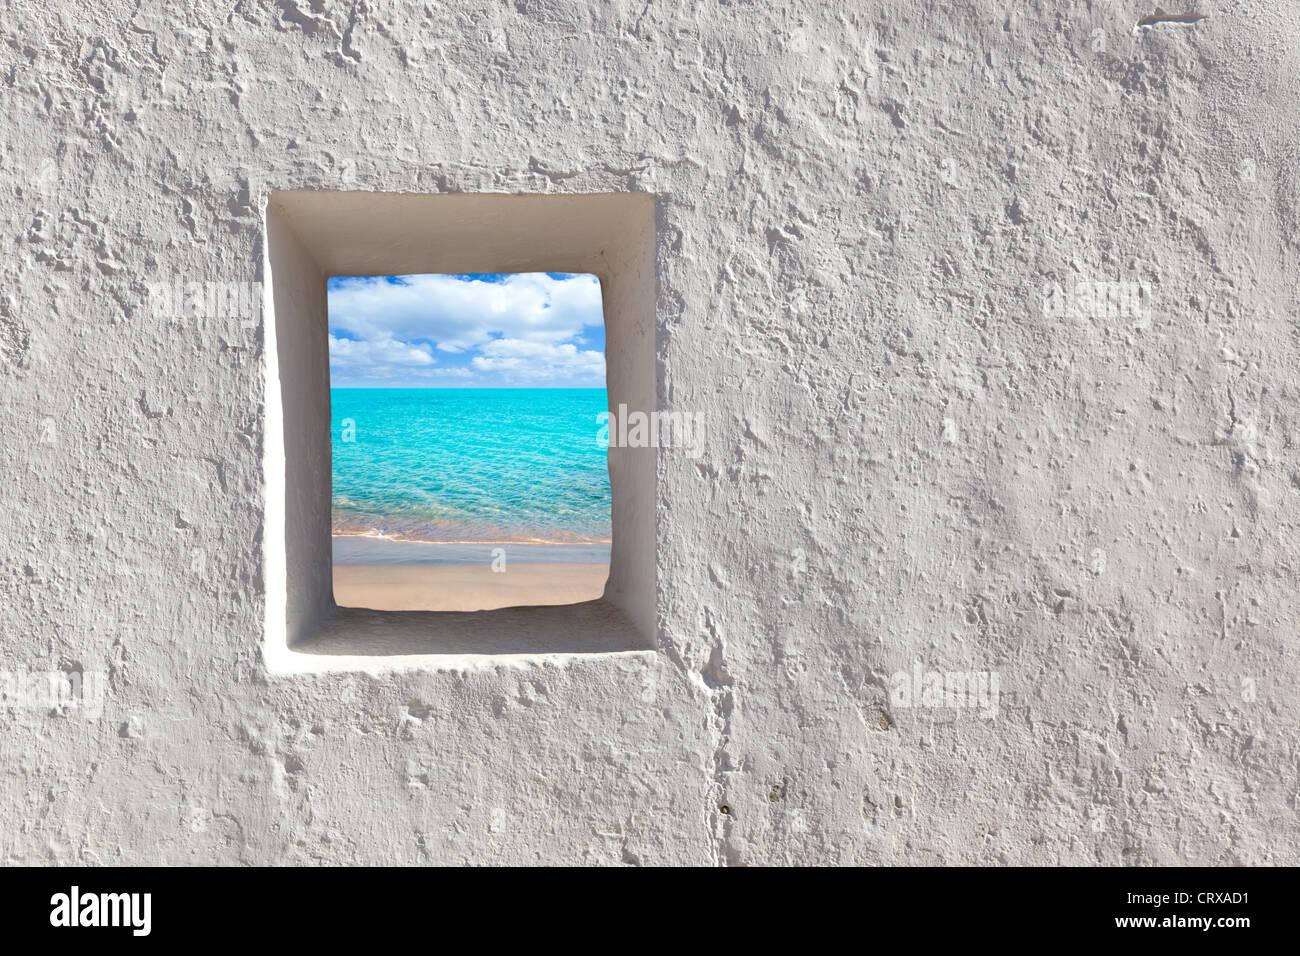 Islas Baleares idílica playa turquesa vista a través de casas encaladas puerta abierta Imagen De Stock